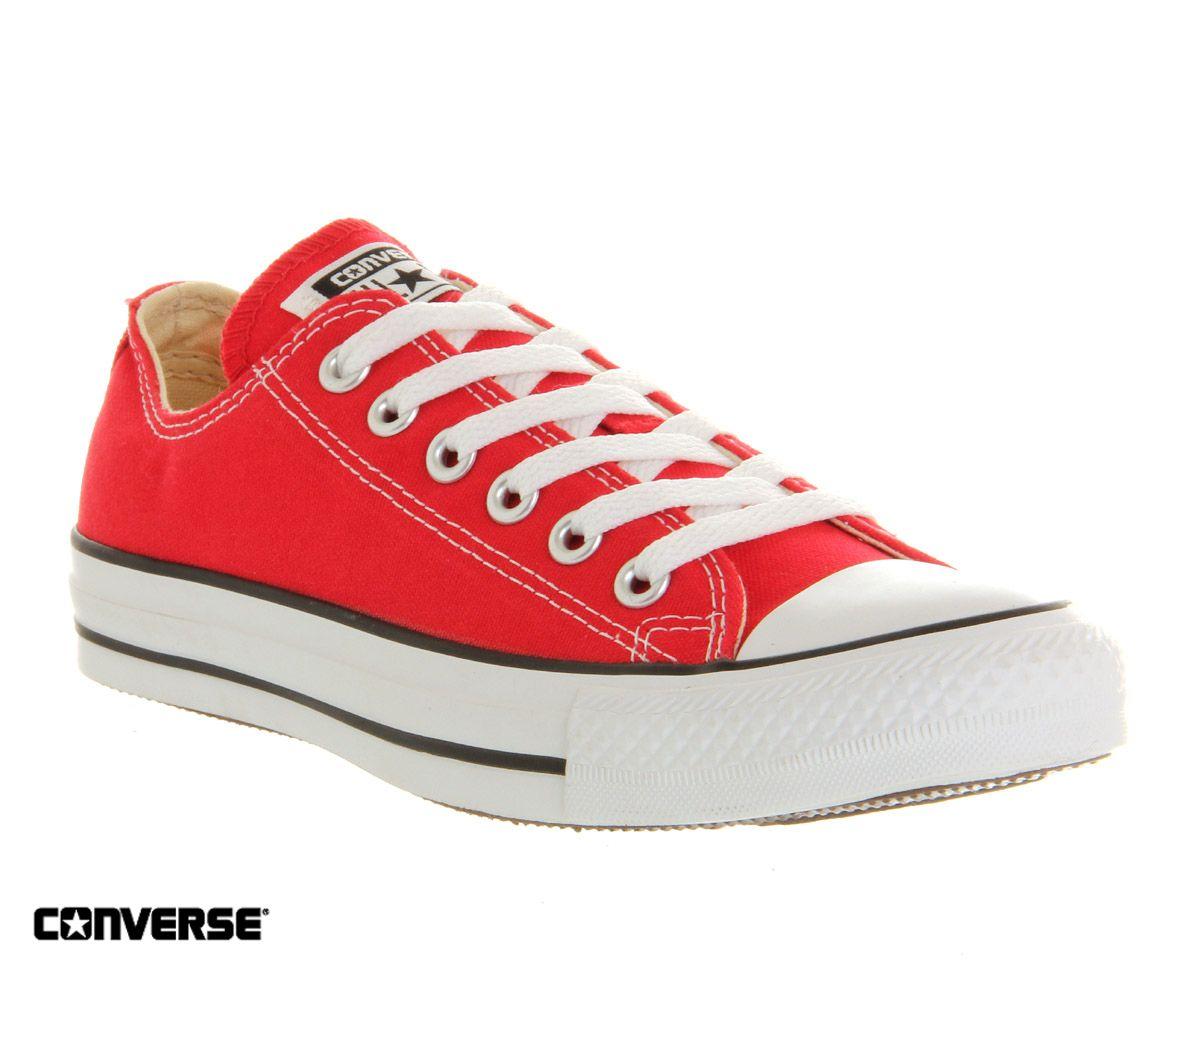 Ladies Red Converse Pumps. (visit us in